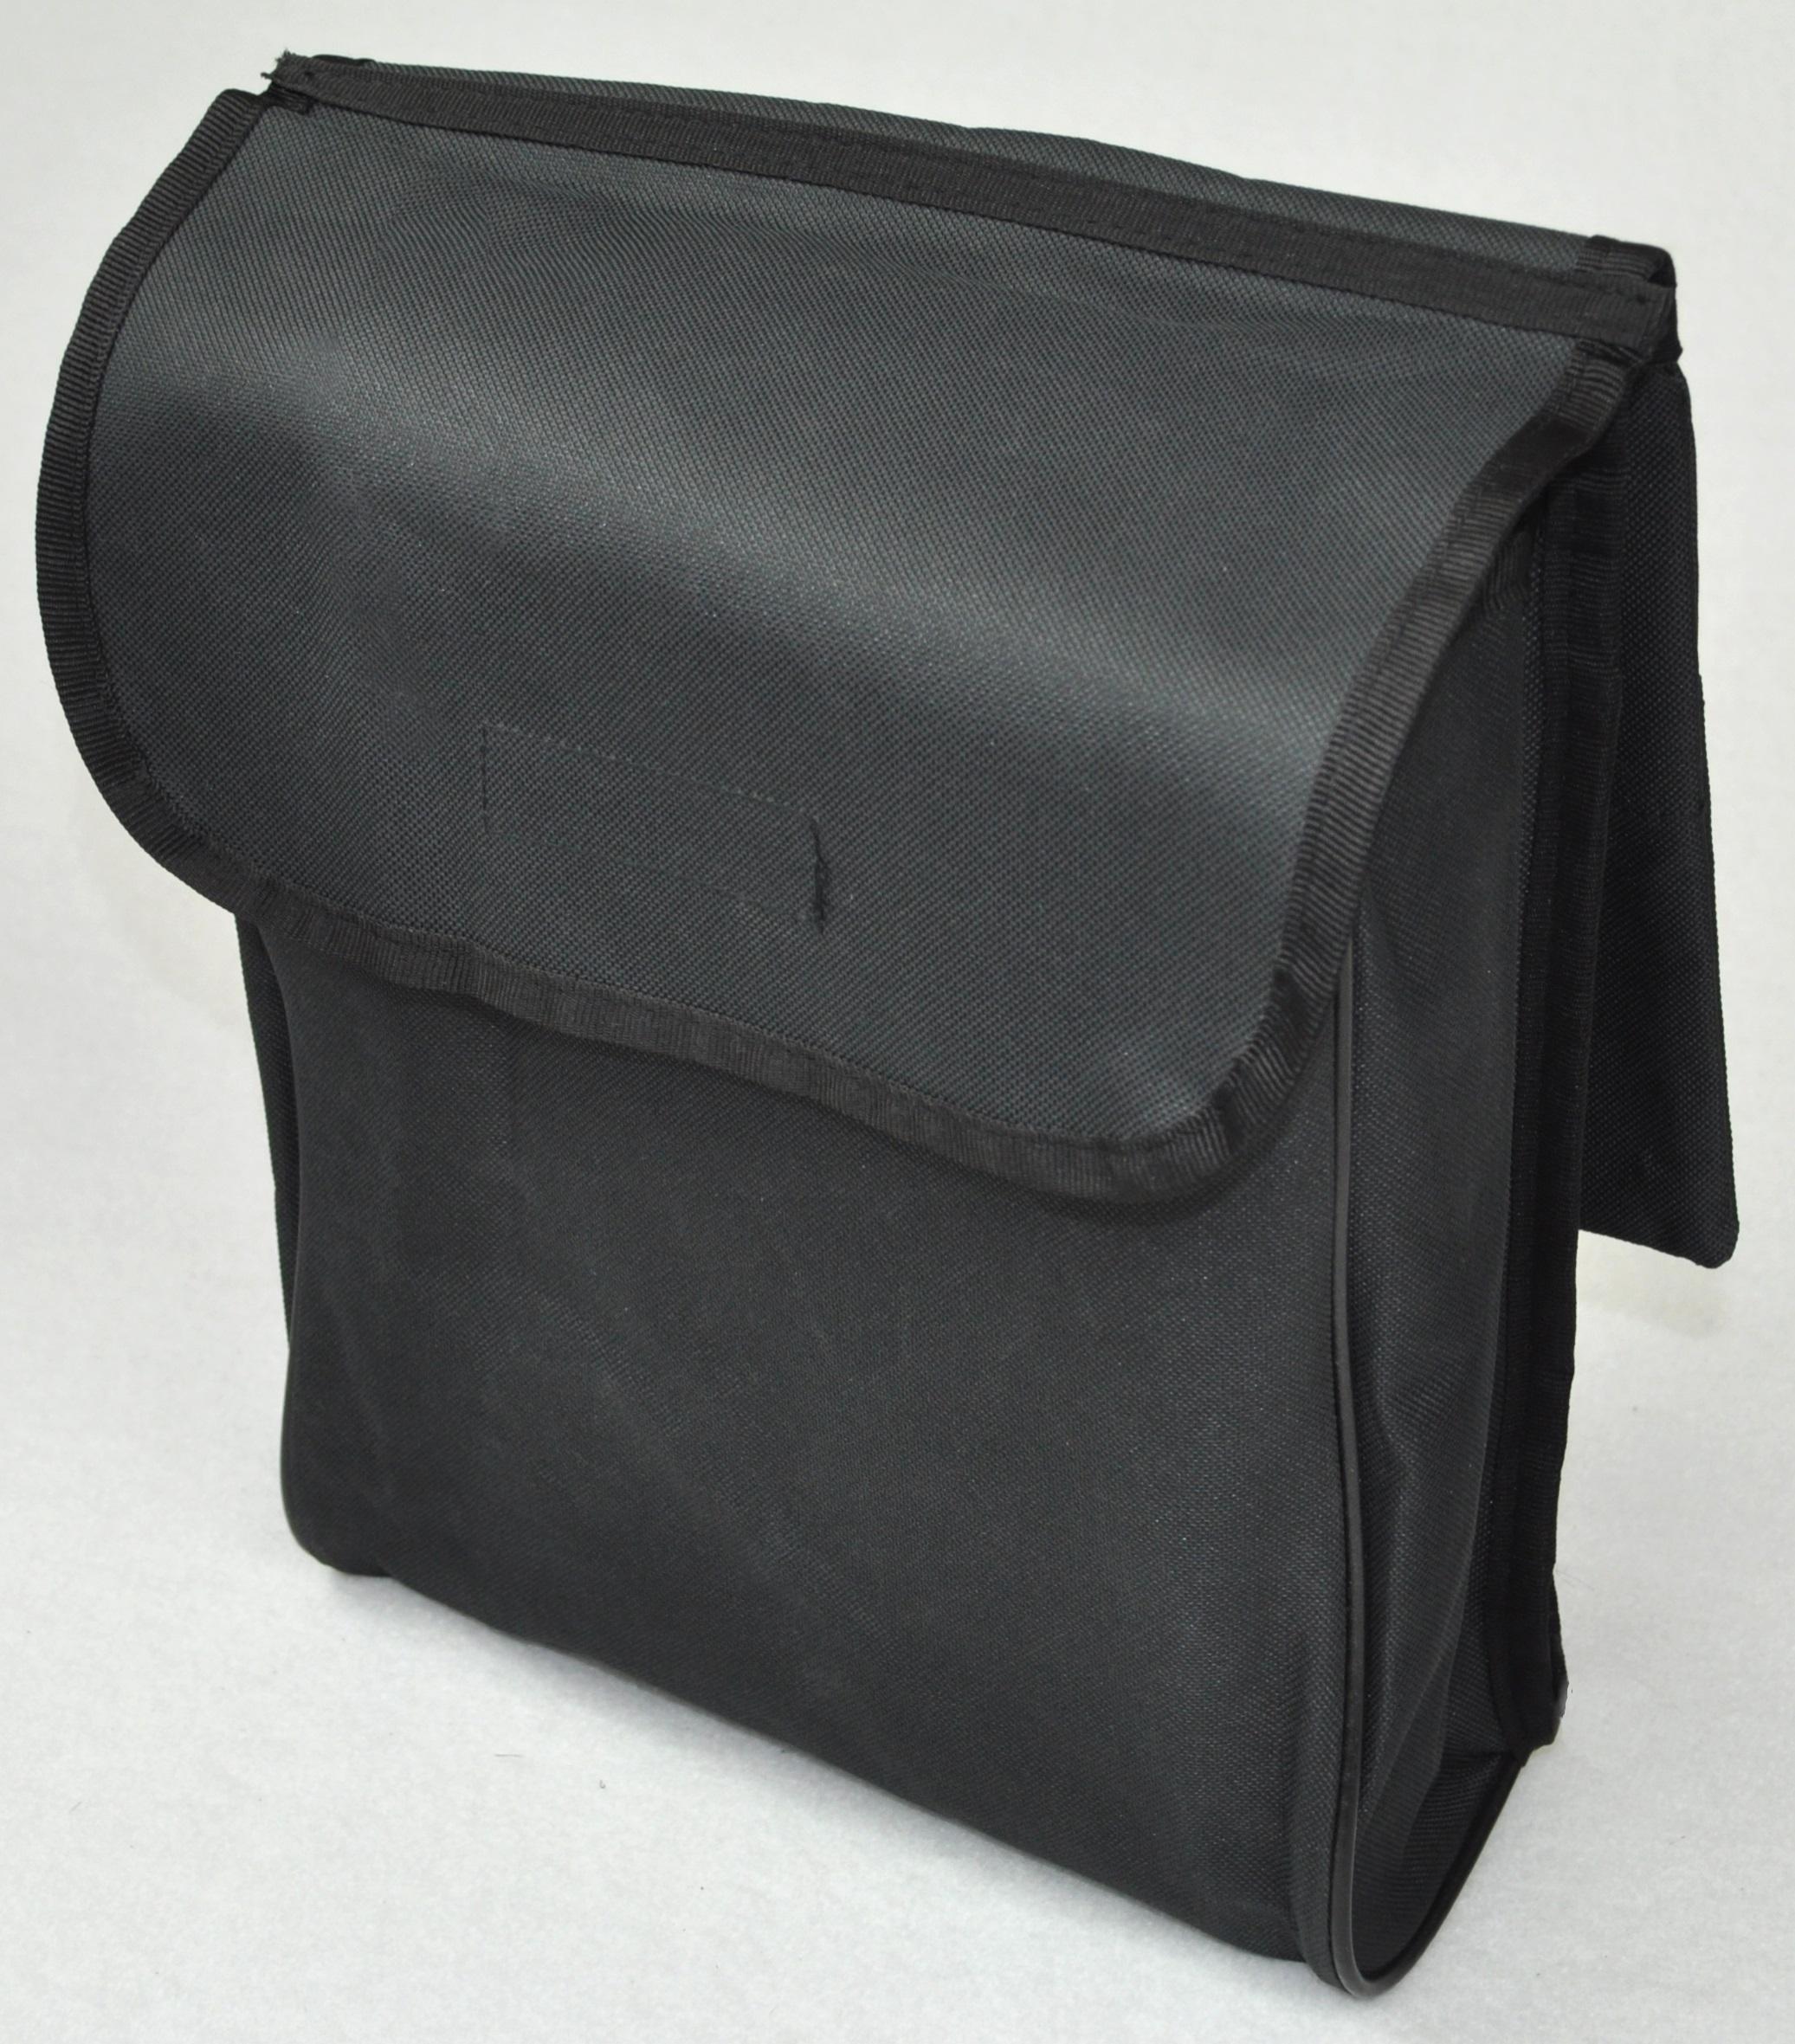 146d9a721bb Splash scootmobiel armleuningtas - Hulpmiddelen voor hulpbehoevenden ...